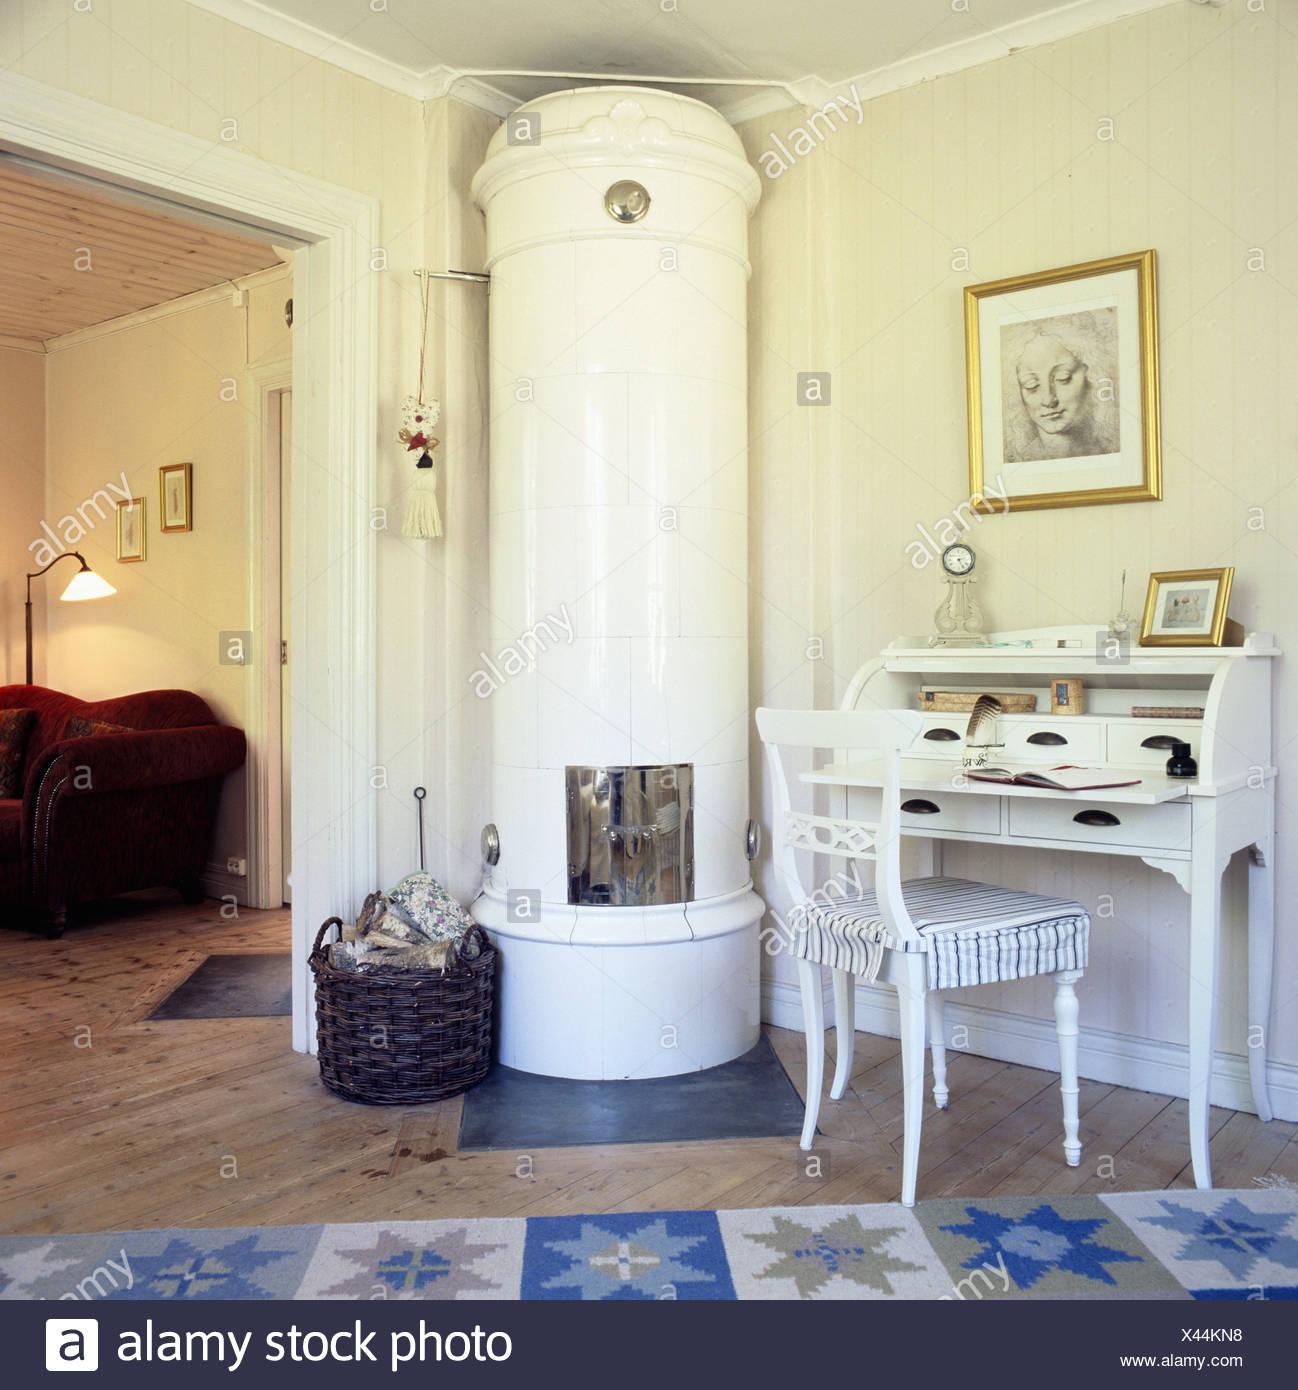 Schwedische Kachelofen Im Wohnzimmer Einer Hütte Mit Einem Traditionellen  Schreibtisch Und Ein Rotes Sofa